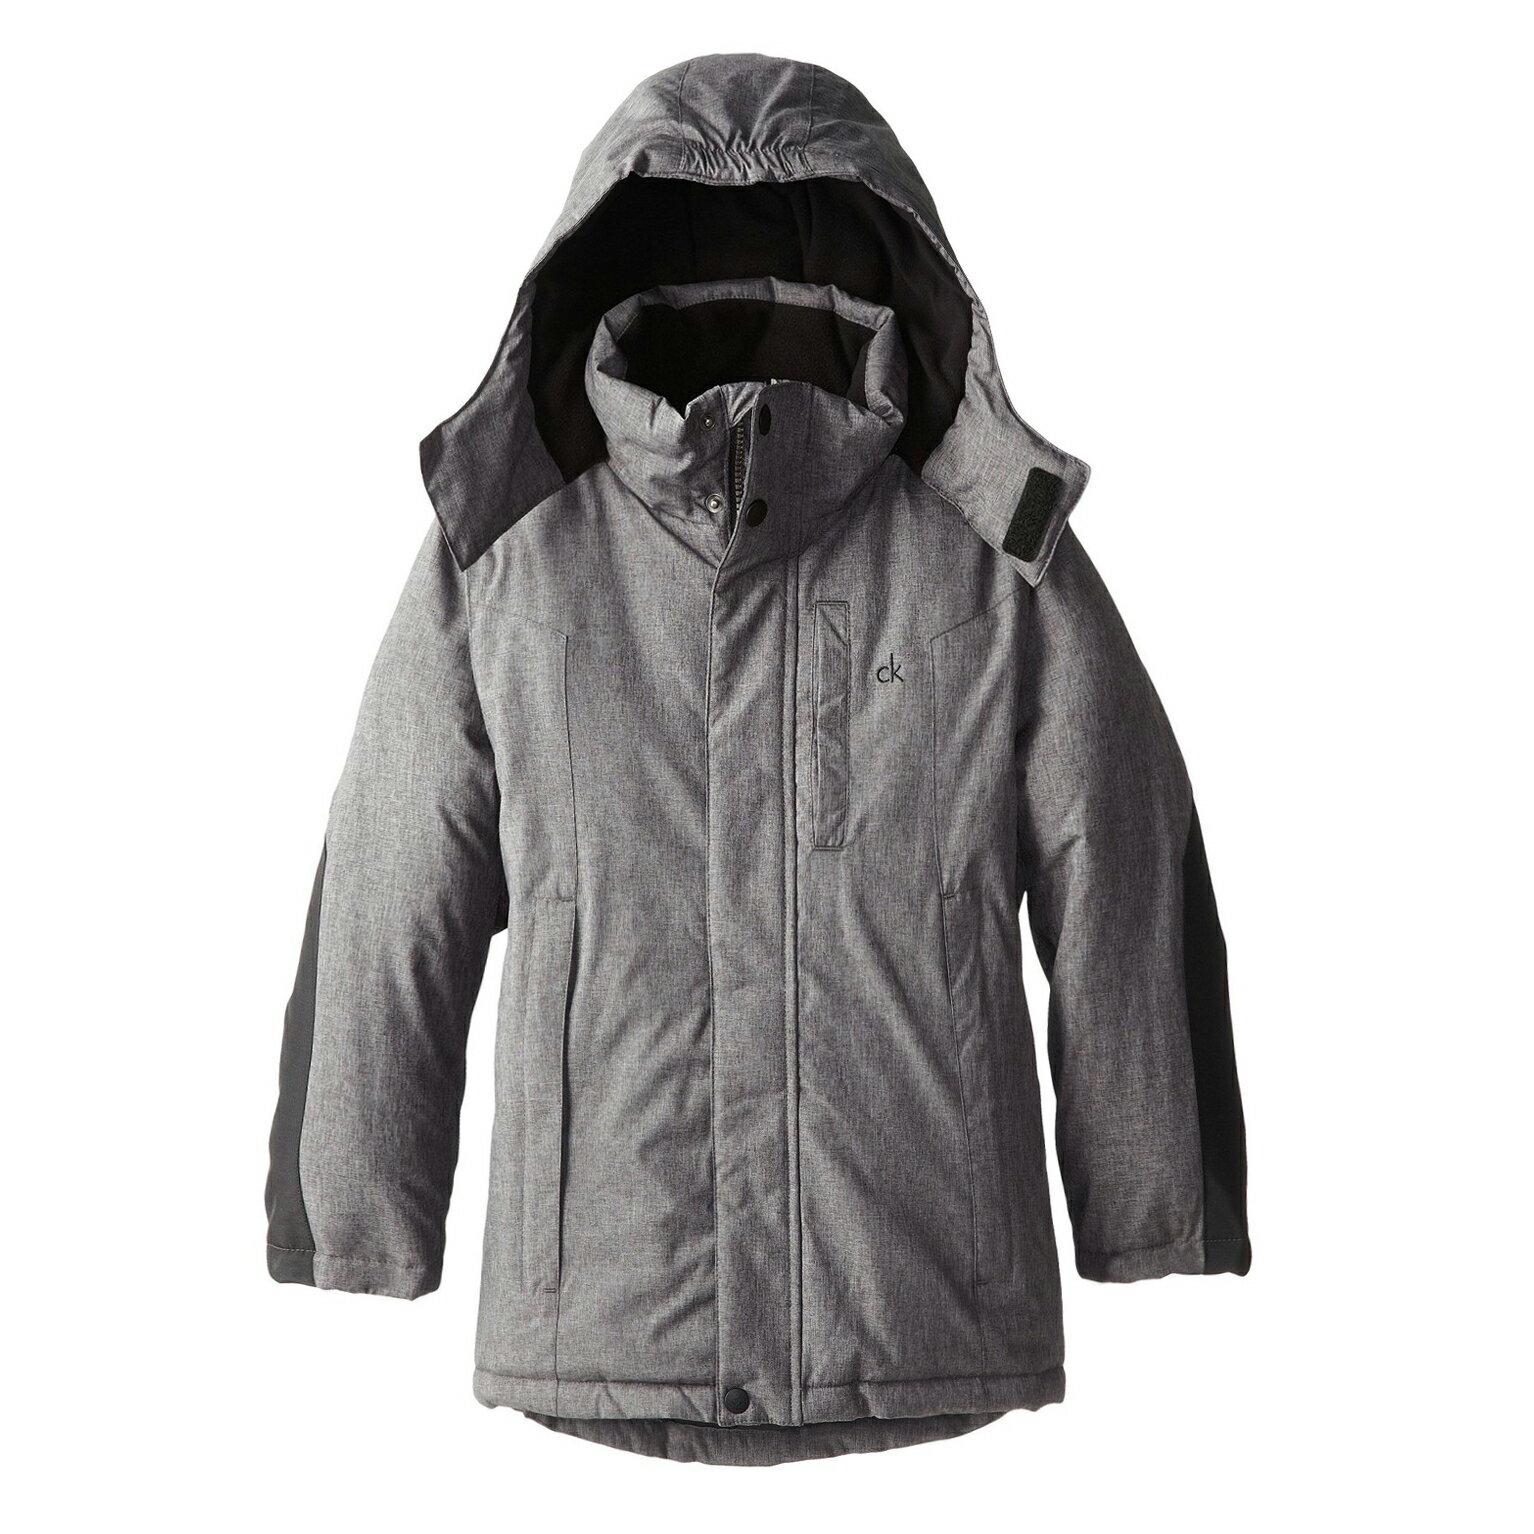 美國百分百【全新真品】Calvin Klein CK 男 保暖 防寒 防風 防潑水 外套 夾克 灰色 S號 E356